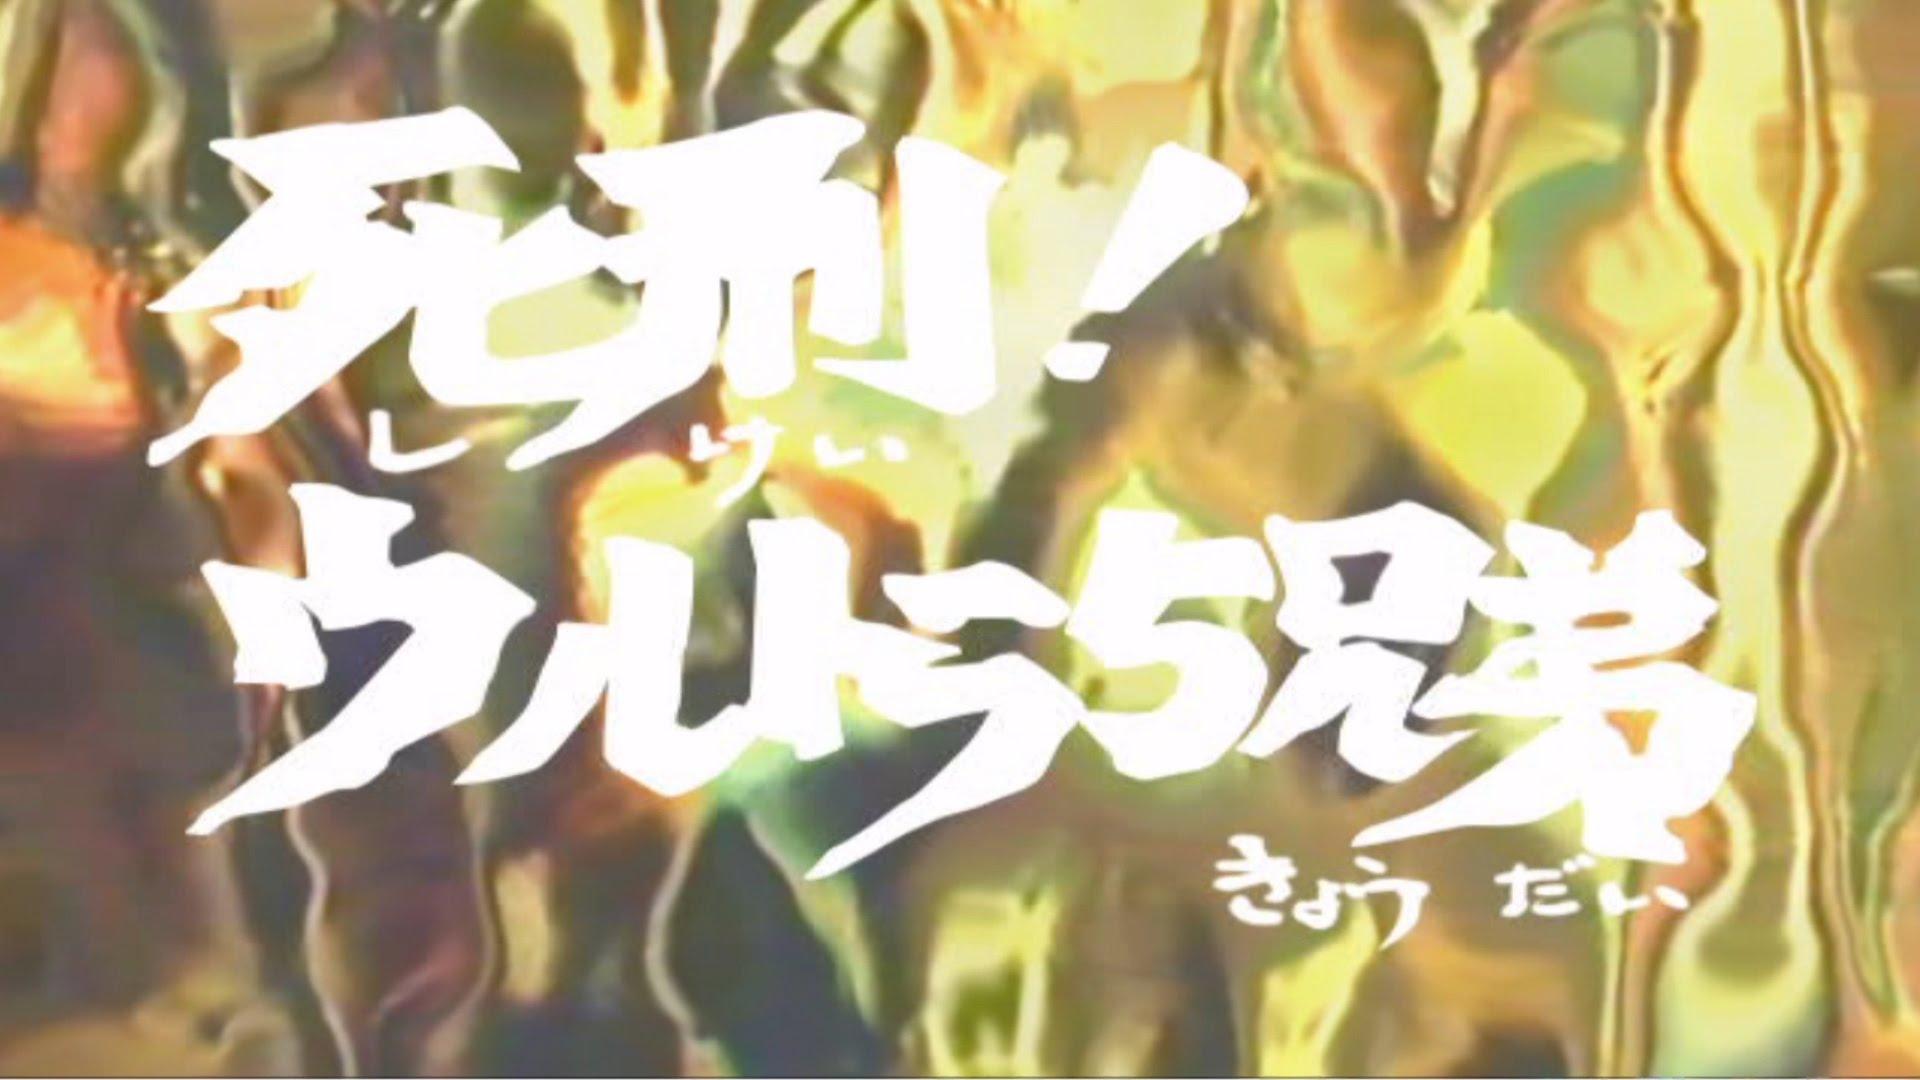 第5話「死刑!ウルトラ5兄弟」ウルトラマン3-FightingEvolution